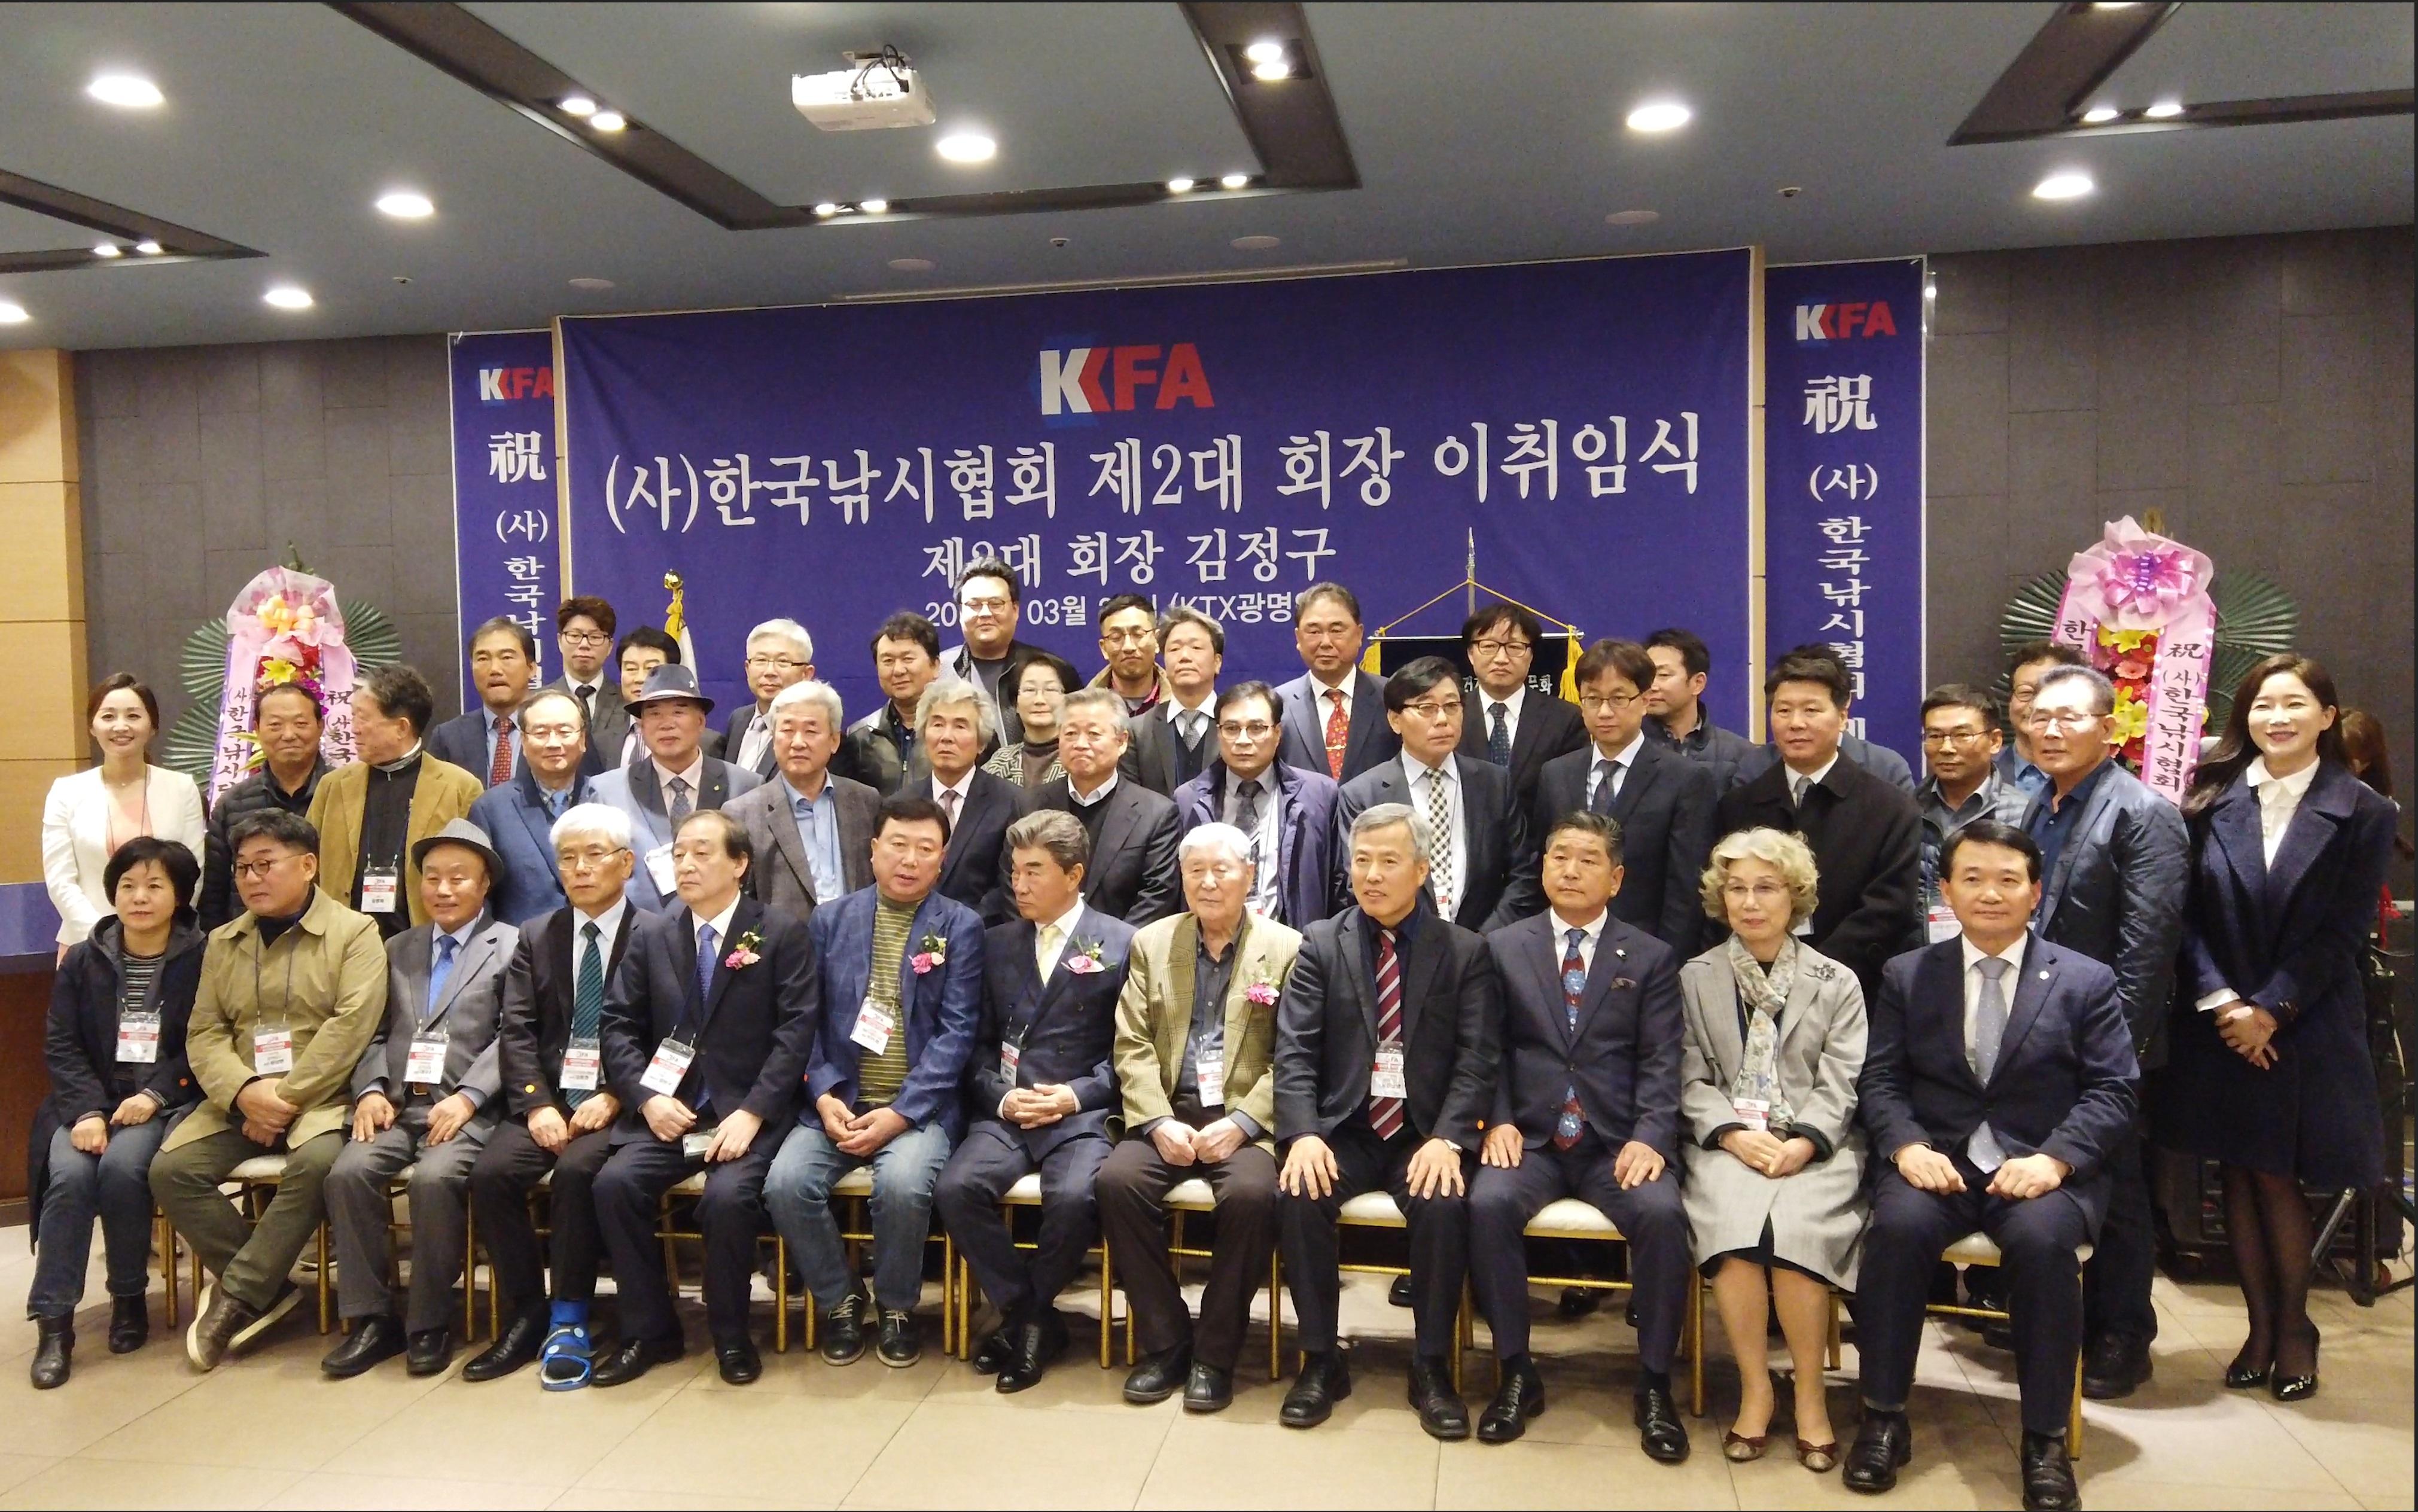 (사)한국낚시협회, 제2대 회장 이취임식 개최...김정구 단독 회장 체재로